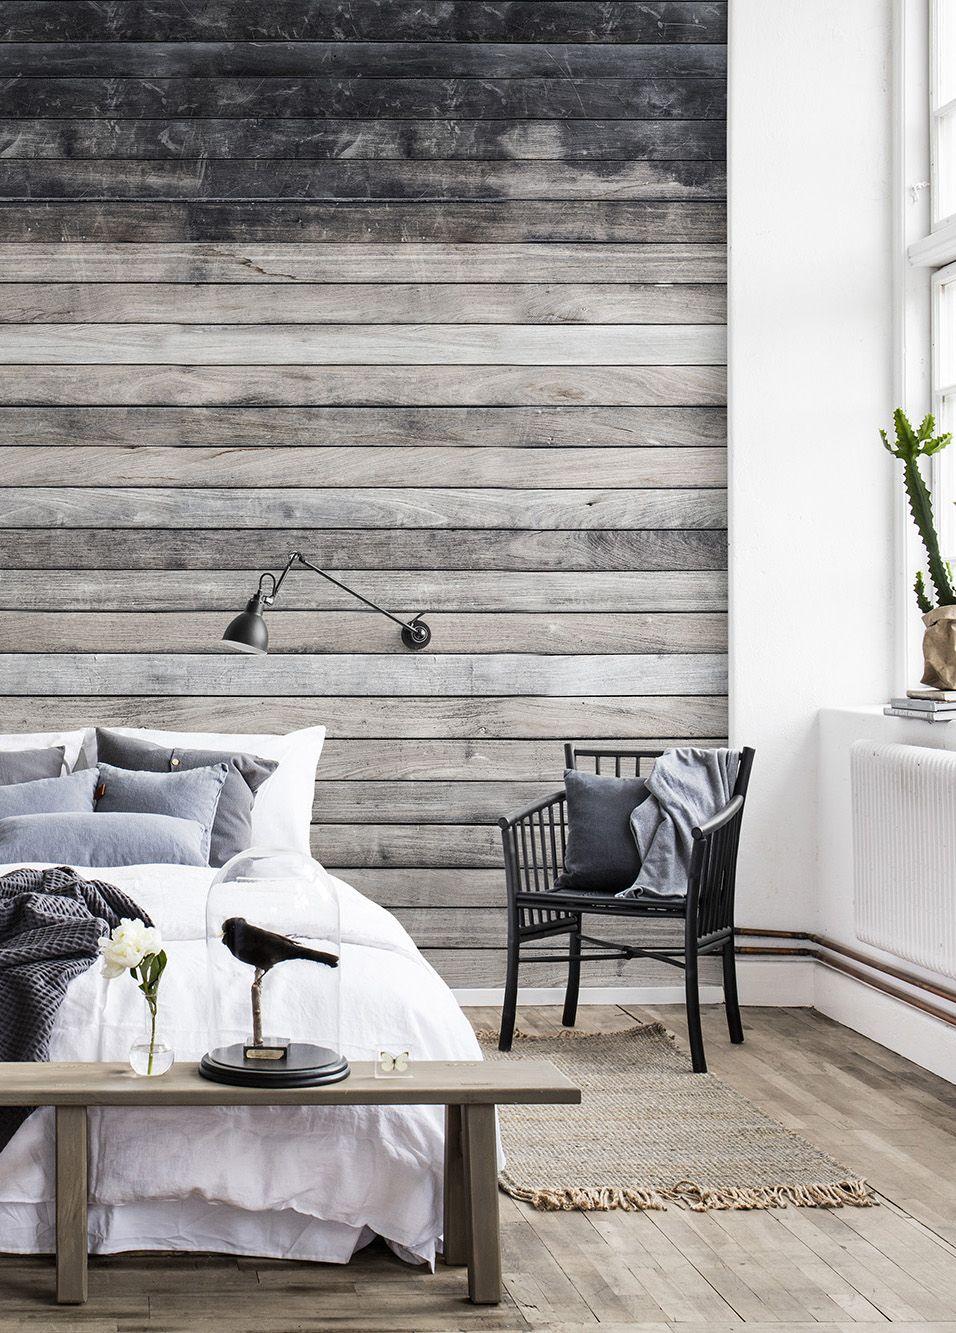 Full Size of Schlafzimmer Tapeten 2020 Worn Wood Wohnzimmer Komplett Massivholz Wandleuchte Fototapete Teppich Nolte Günstig Poco Schranksysteme Für Küche Deckenleuchte Wohnzimmer Schlafzimmer Tapeten 2020